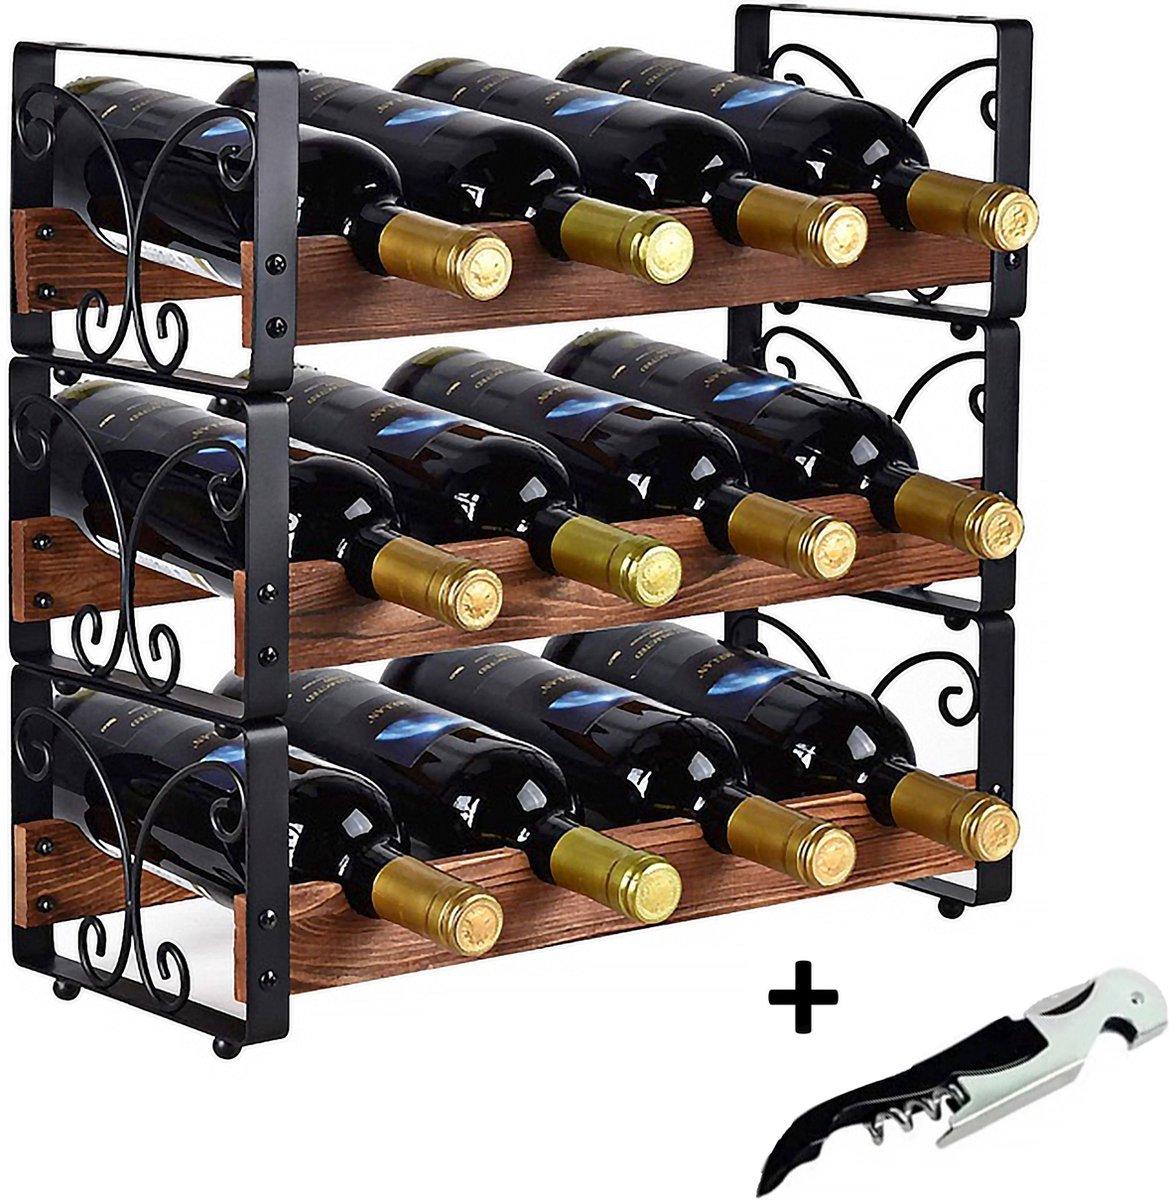 Luxergoods Wijnfleshouder - Wijnrek - Gratis Wijnflesopener - Voor 12 flessen - 3 Delig Stapelbaar Olijvenhout Flessenrek - Hout